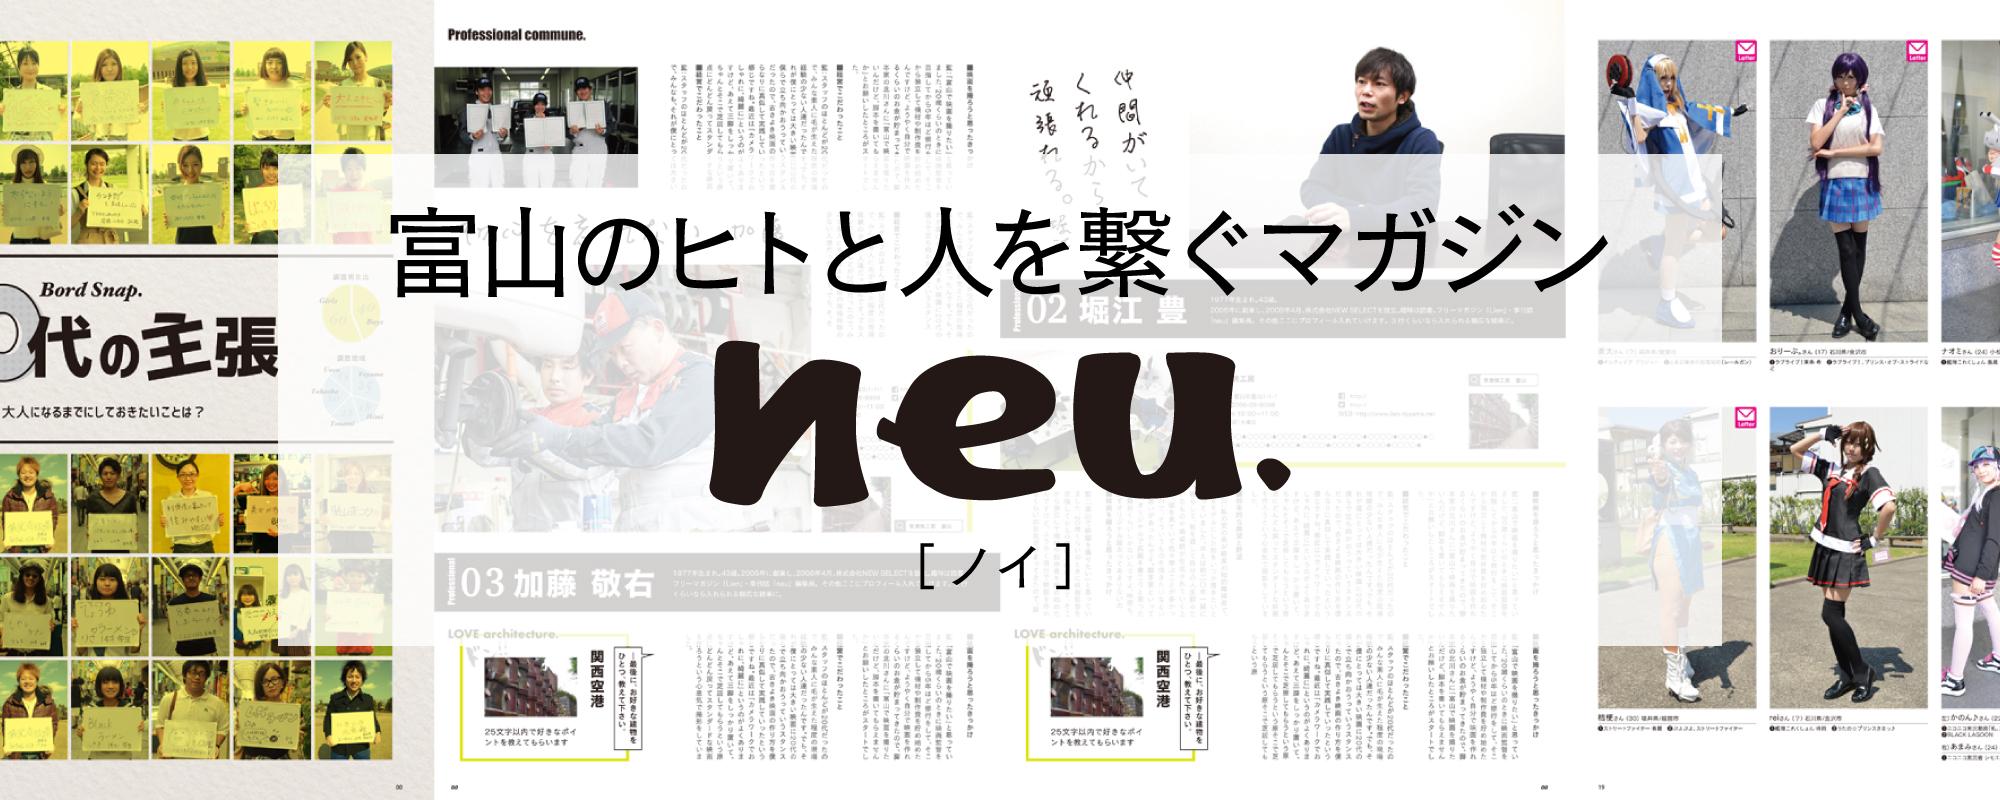 富山の人とヒトを繋ぐマガジン「neu.(ノイ)」